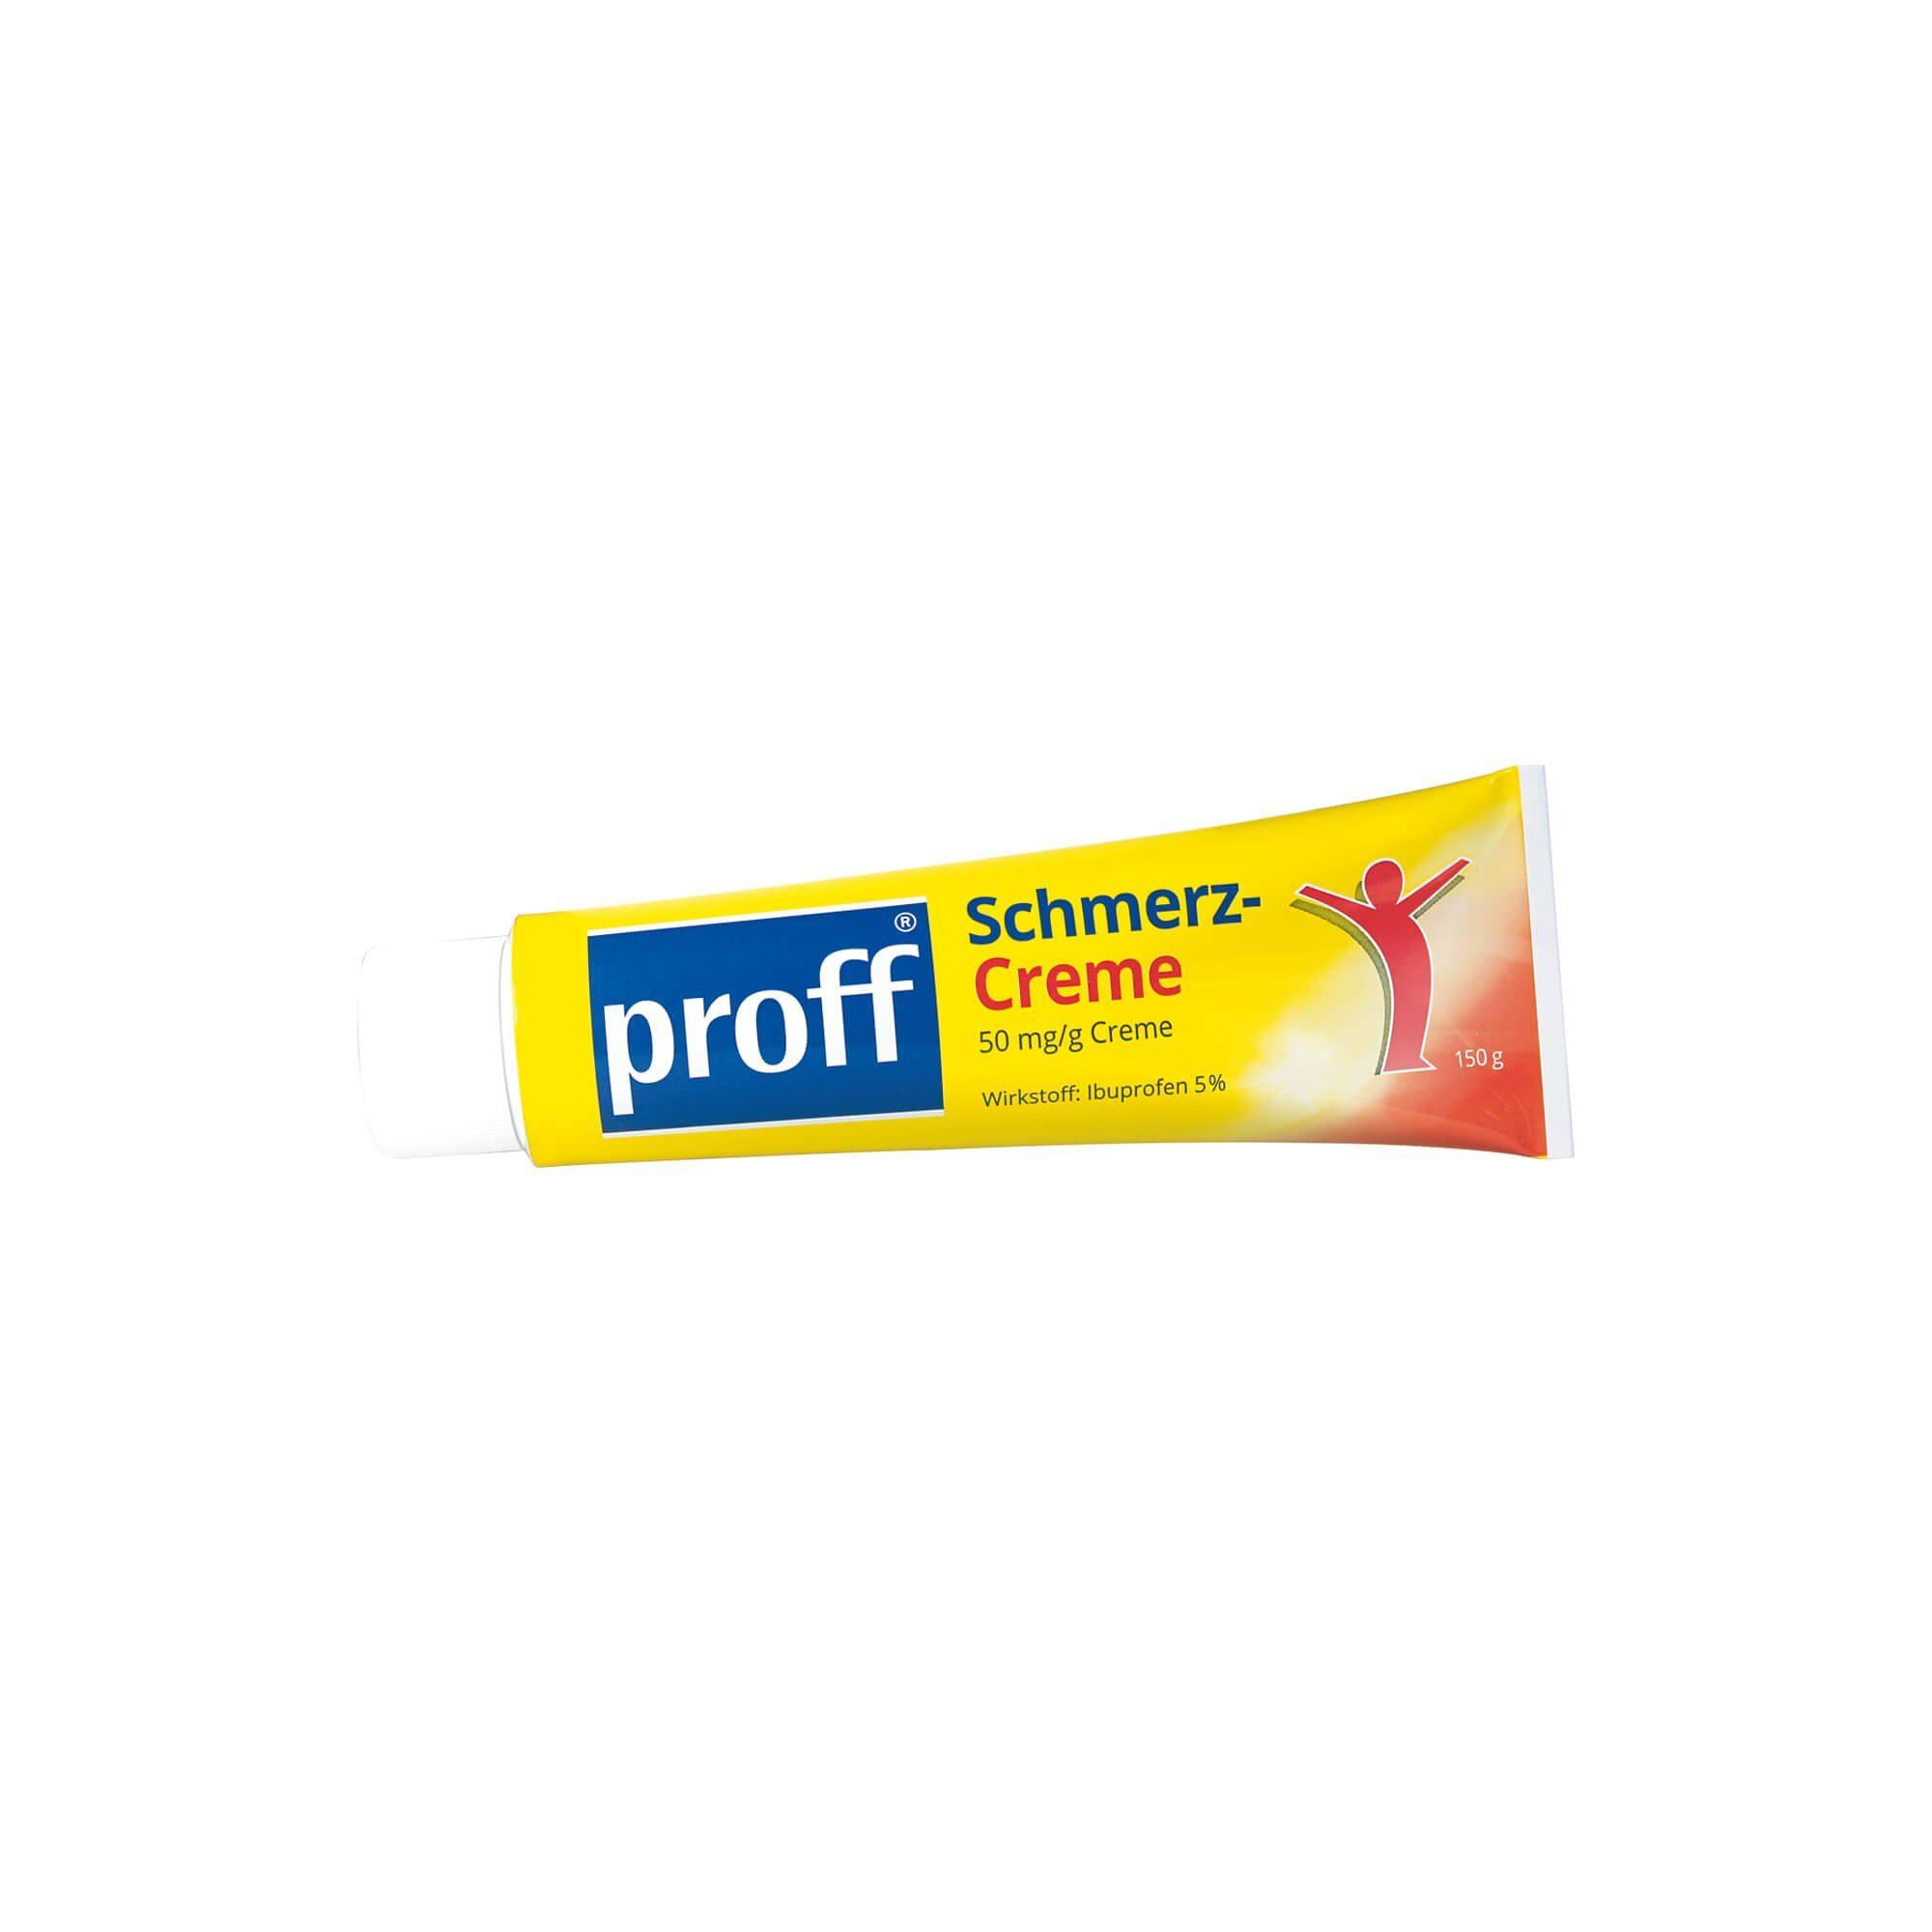 Proff Schmerzcreme 5 % , 150 g